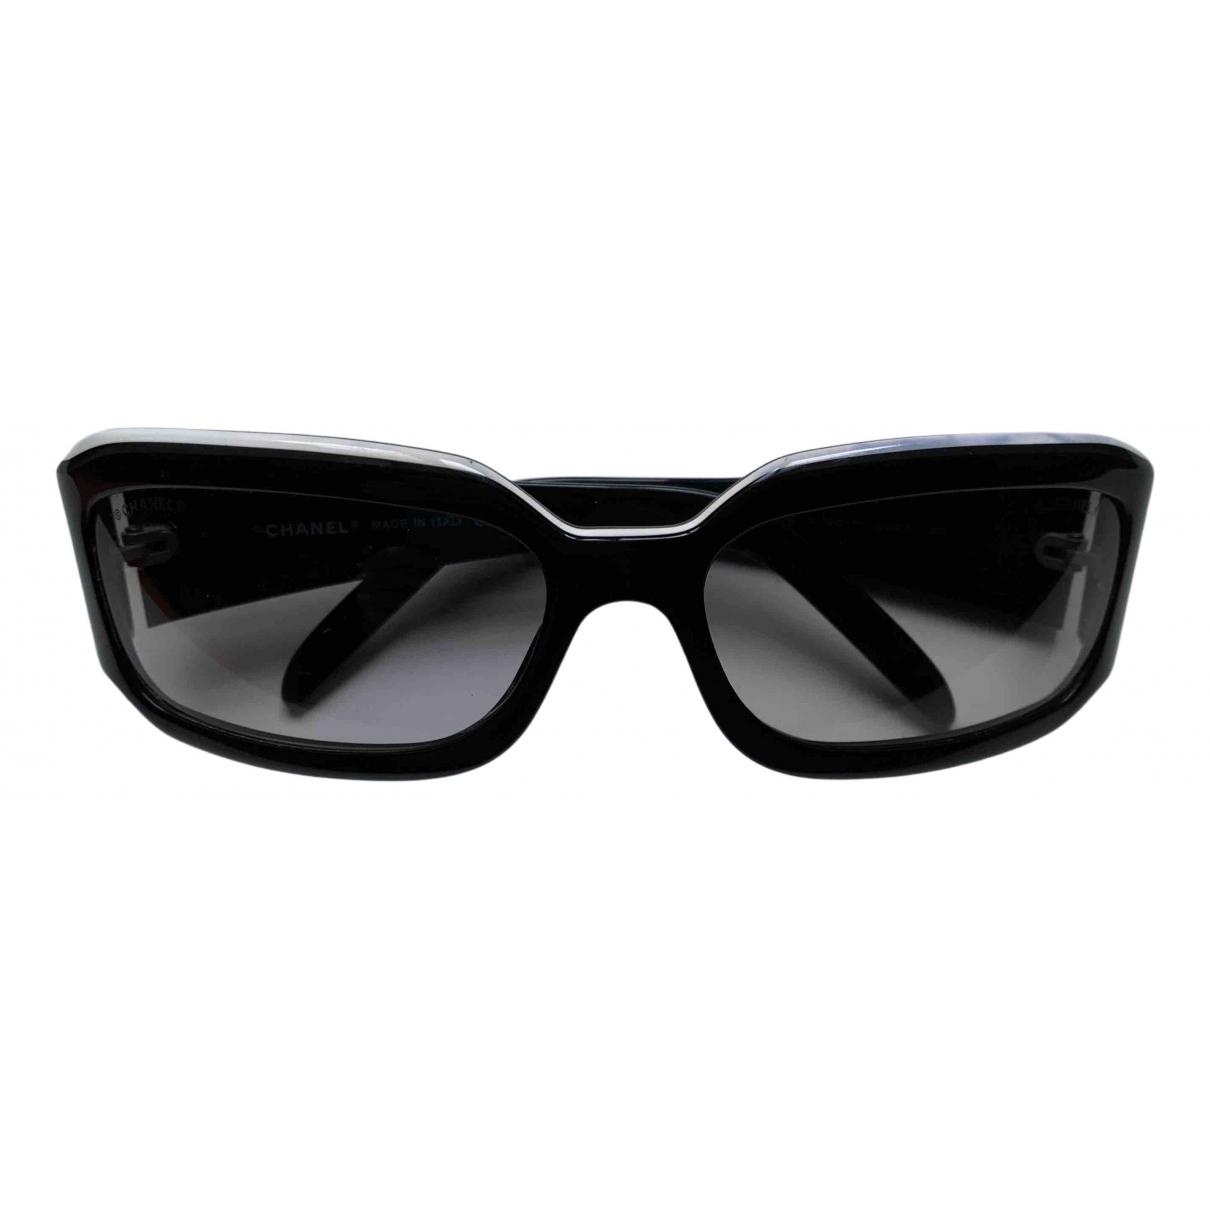 Chanel N Black Sunglasses for Women N